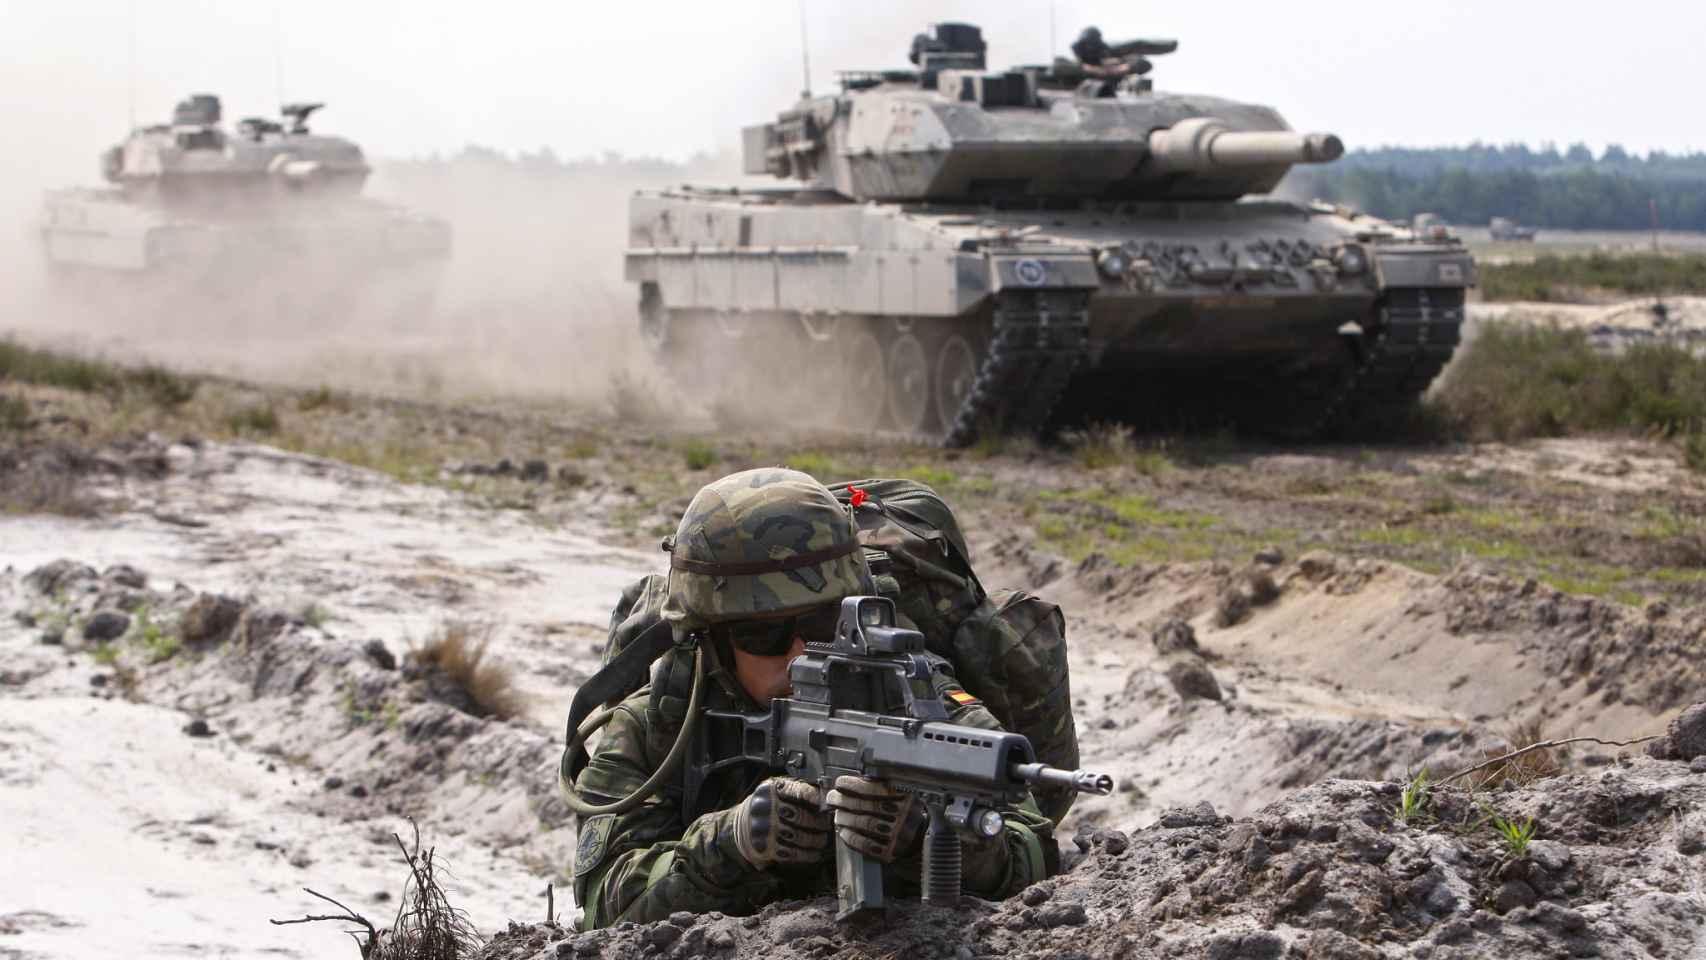 España lidera la fuerza de élite de la OTAN pese a ser el tercer país que menos invierte en Defensa